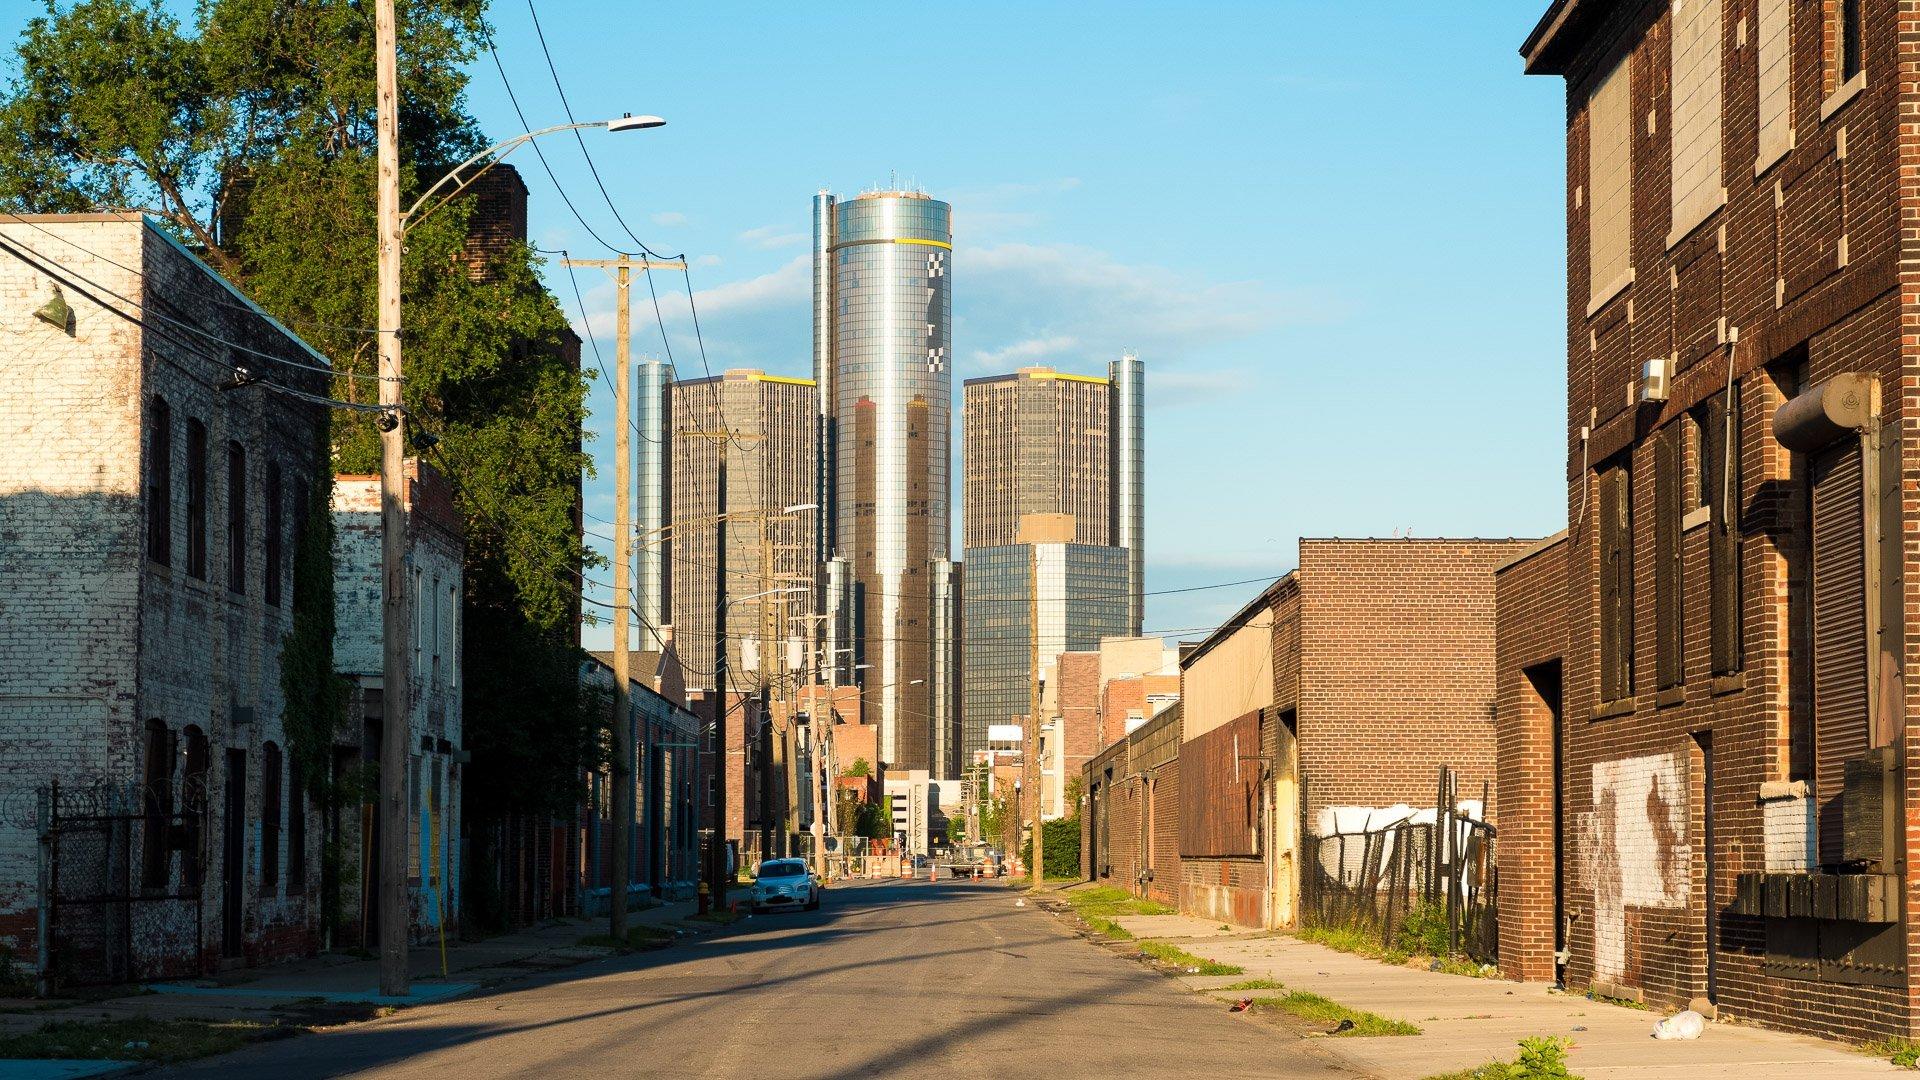 The US Housing Market Landscape